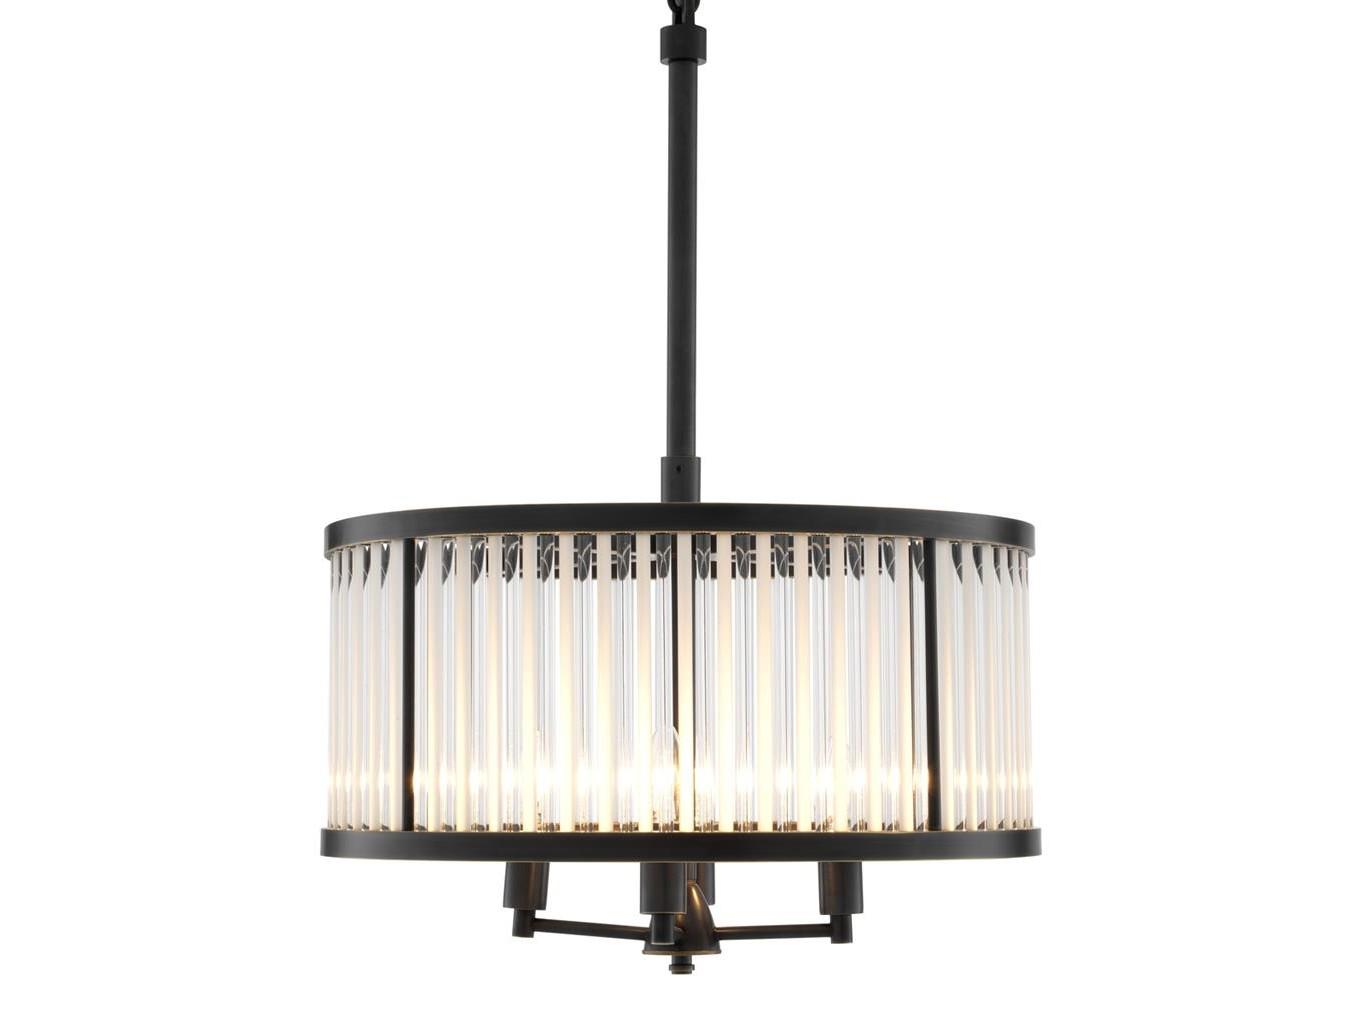 Подвесной светильник DarcyЛюстры подвесные<br>Высота светильника регулируется за счет звеньев цепи.&amp;lt;div&amp;gt;&amp;lt;br&amp;gt;&amp;lt;/div&amp;gt;&amp;lt;div&amp;gt;&amp;lt;div&amp;gt;Вид цоколя: E14&amp;lt;/div&amp;gt;&amp;lt;div&amp;gt;Мощность:&amp;amp;nbsp; 40W&amp;amp;nbsp;&amp;lt;/div&amp;gt;&amp;lt;div&amp;gt;Количество ламп: 4 (нет в комплекте)&amp;lt;/div&amp;gt;&amp;lt;/div&amp;gt;<br><br>Material: Стекло<br>Ширина см: 52.0<br>Высота см: 72<br>Глубина см: 52.0